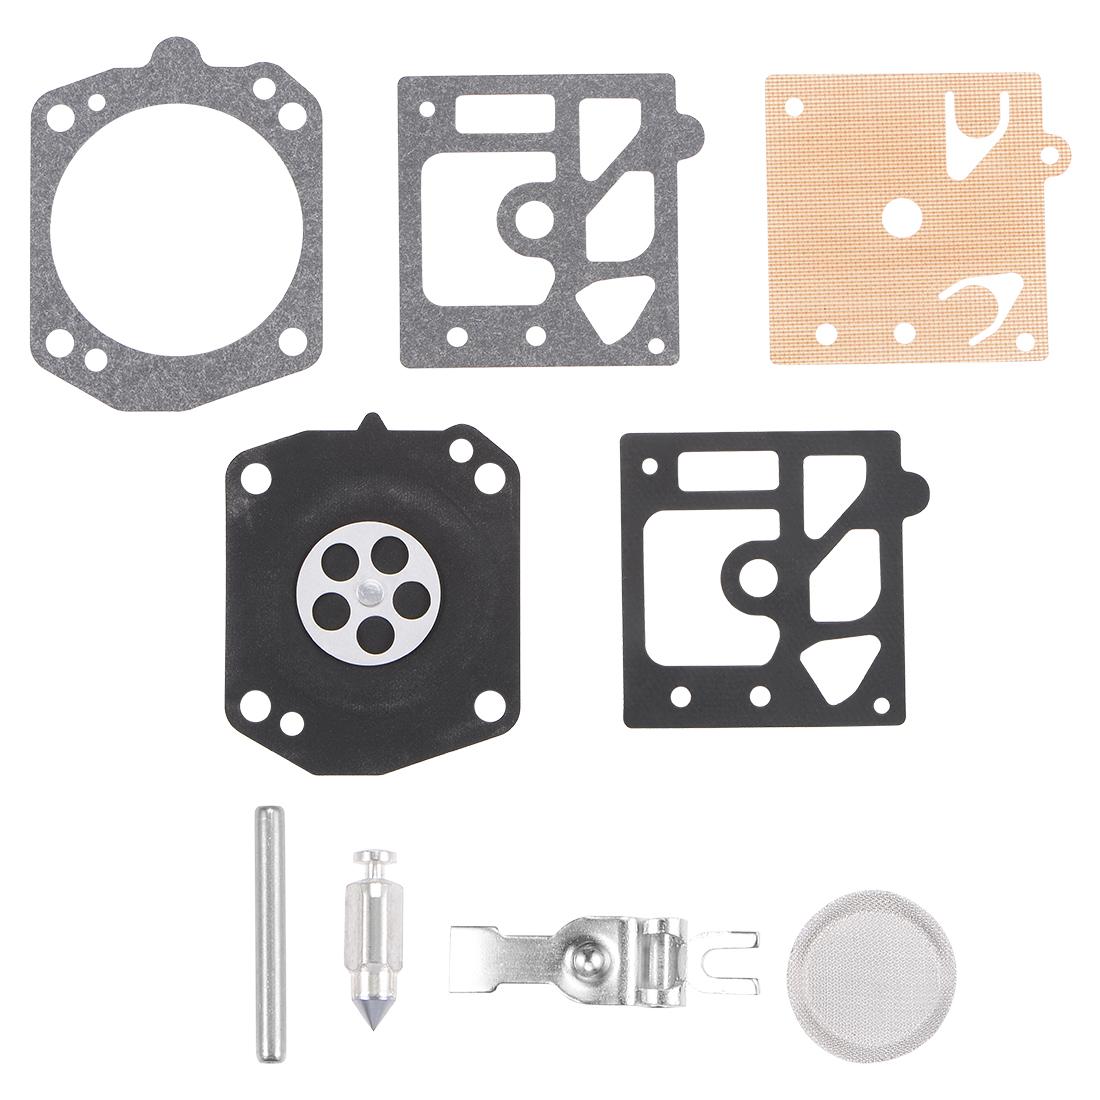 Carburetor Rebuild Kit Gasket Diaphragm for K10-HD Engines Carb